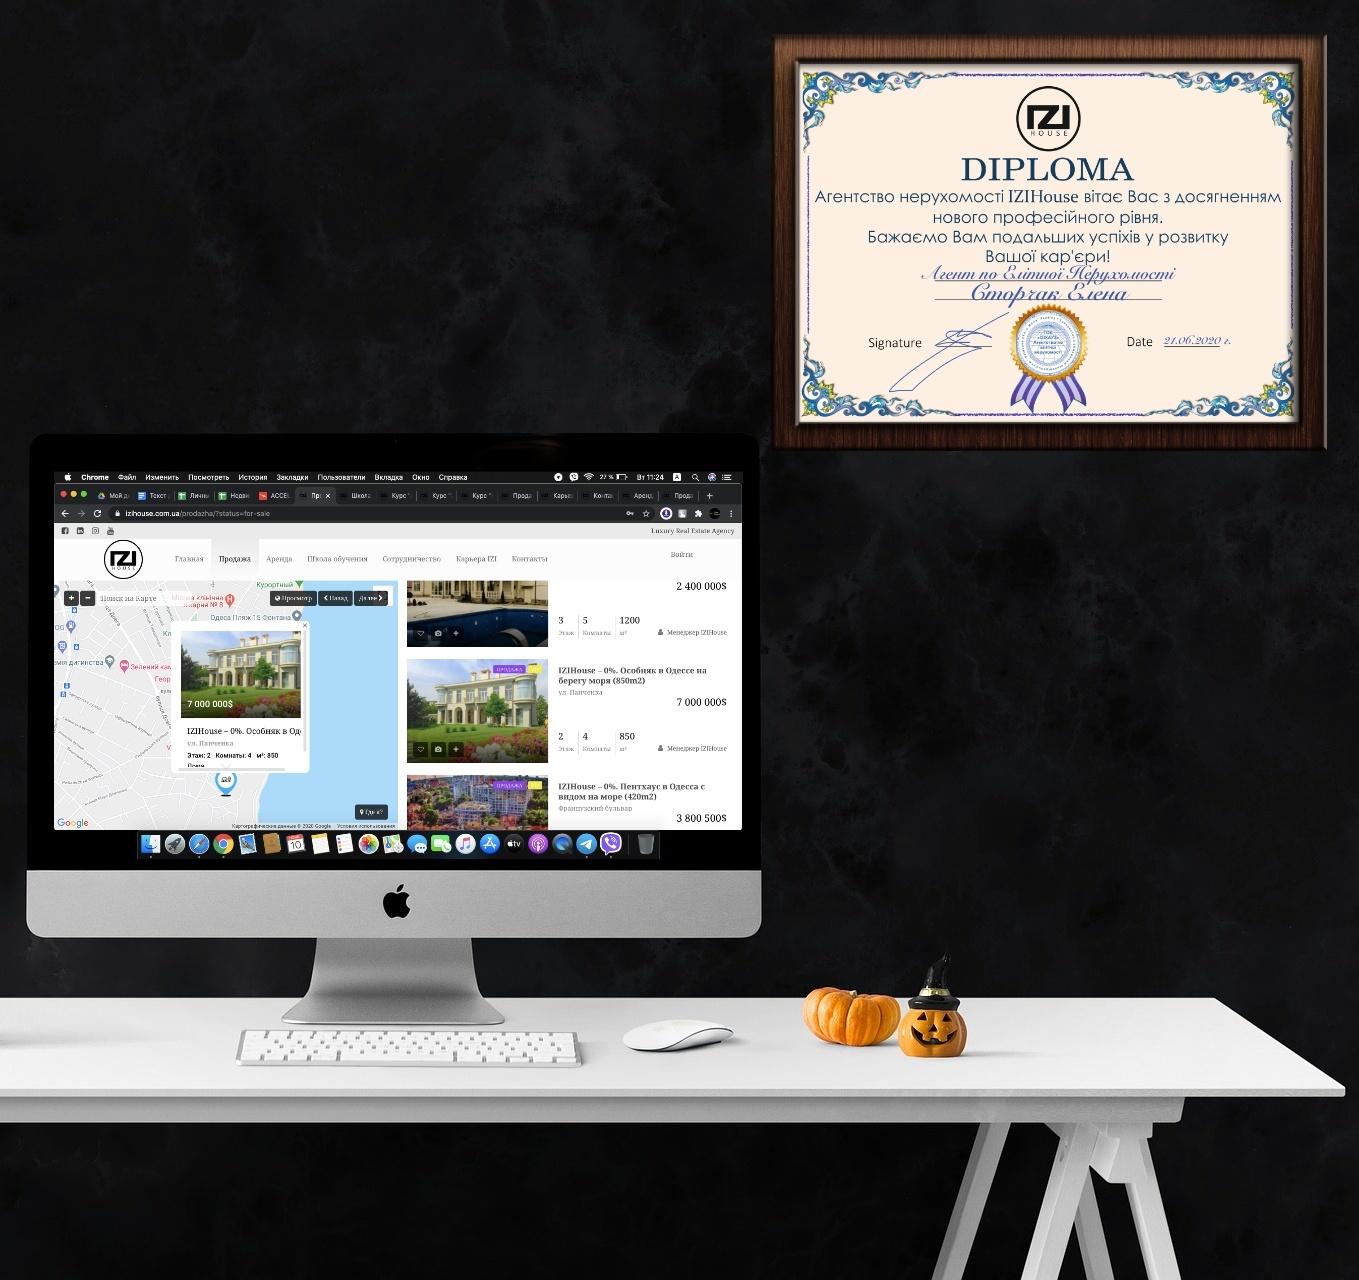 Сертификат за участие на курсах Агент по недвижимости